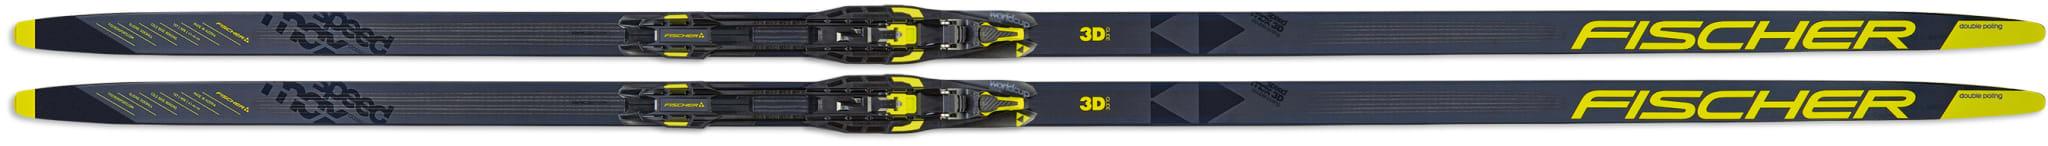 Spesifikke ski for staking fra Fischer